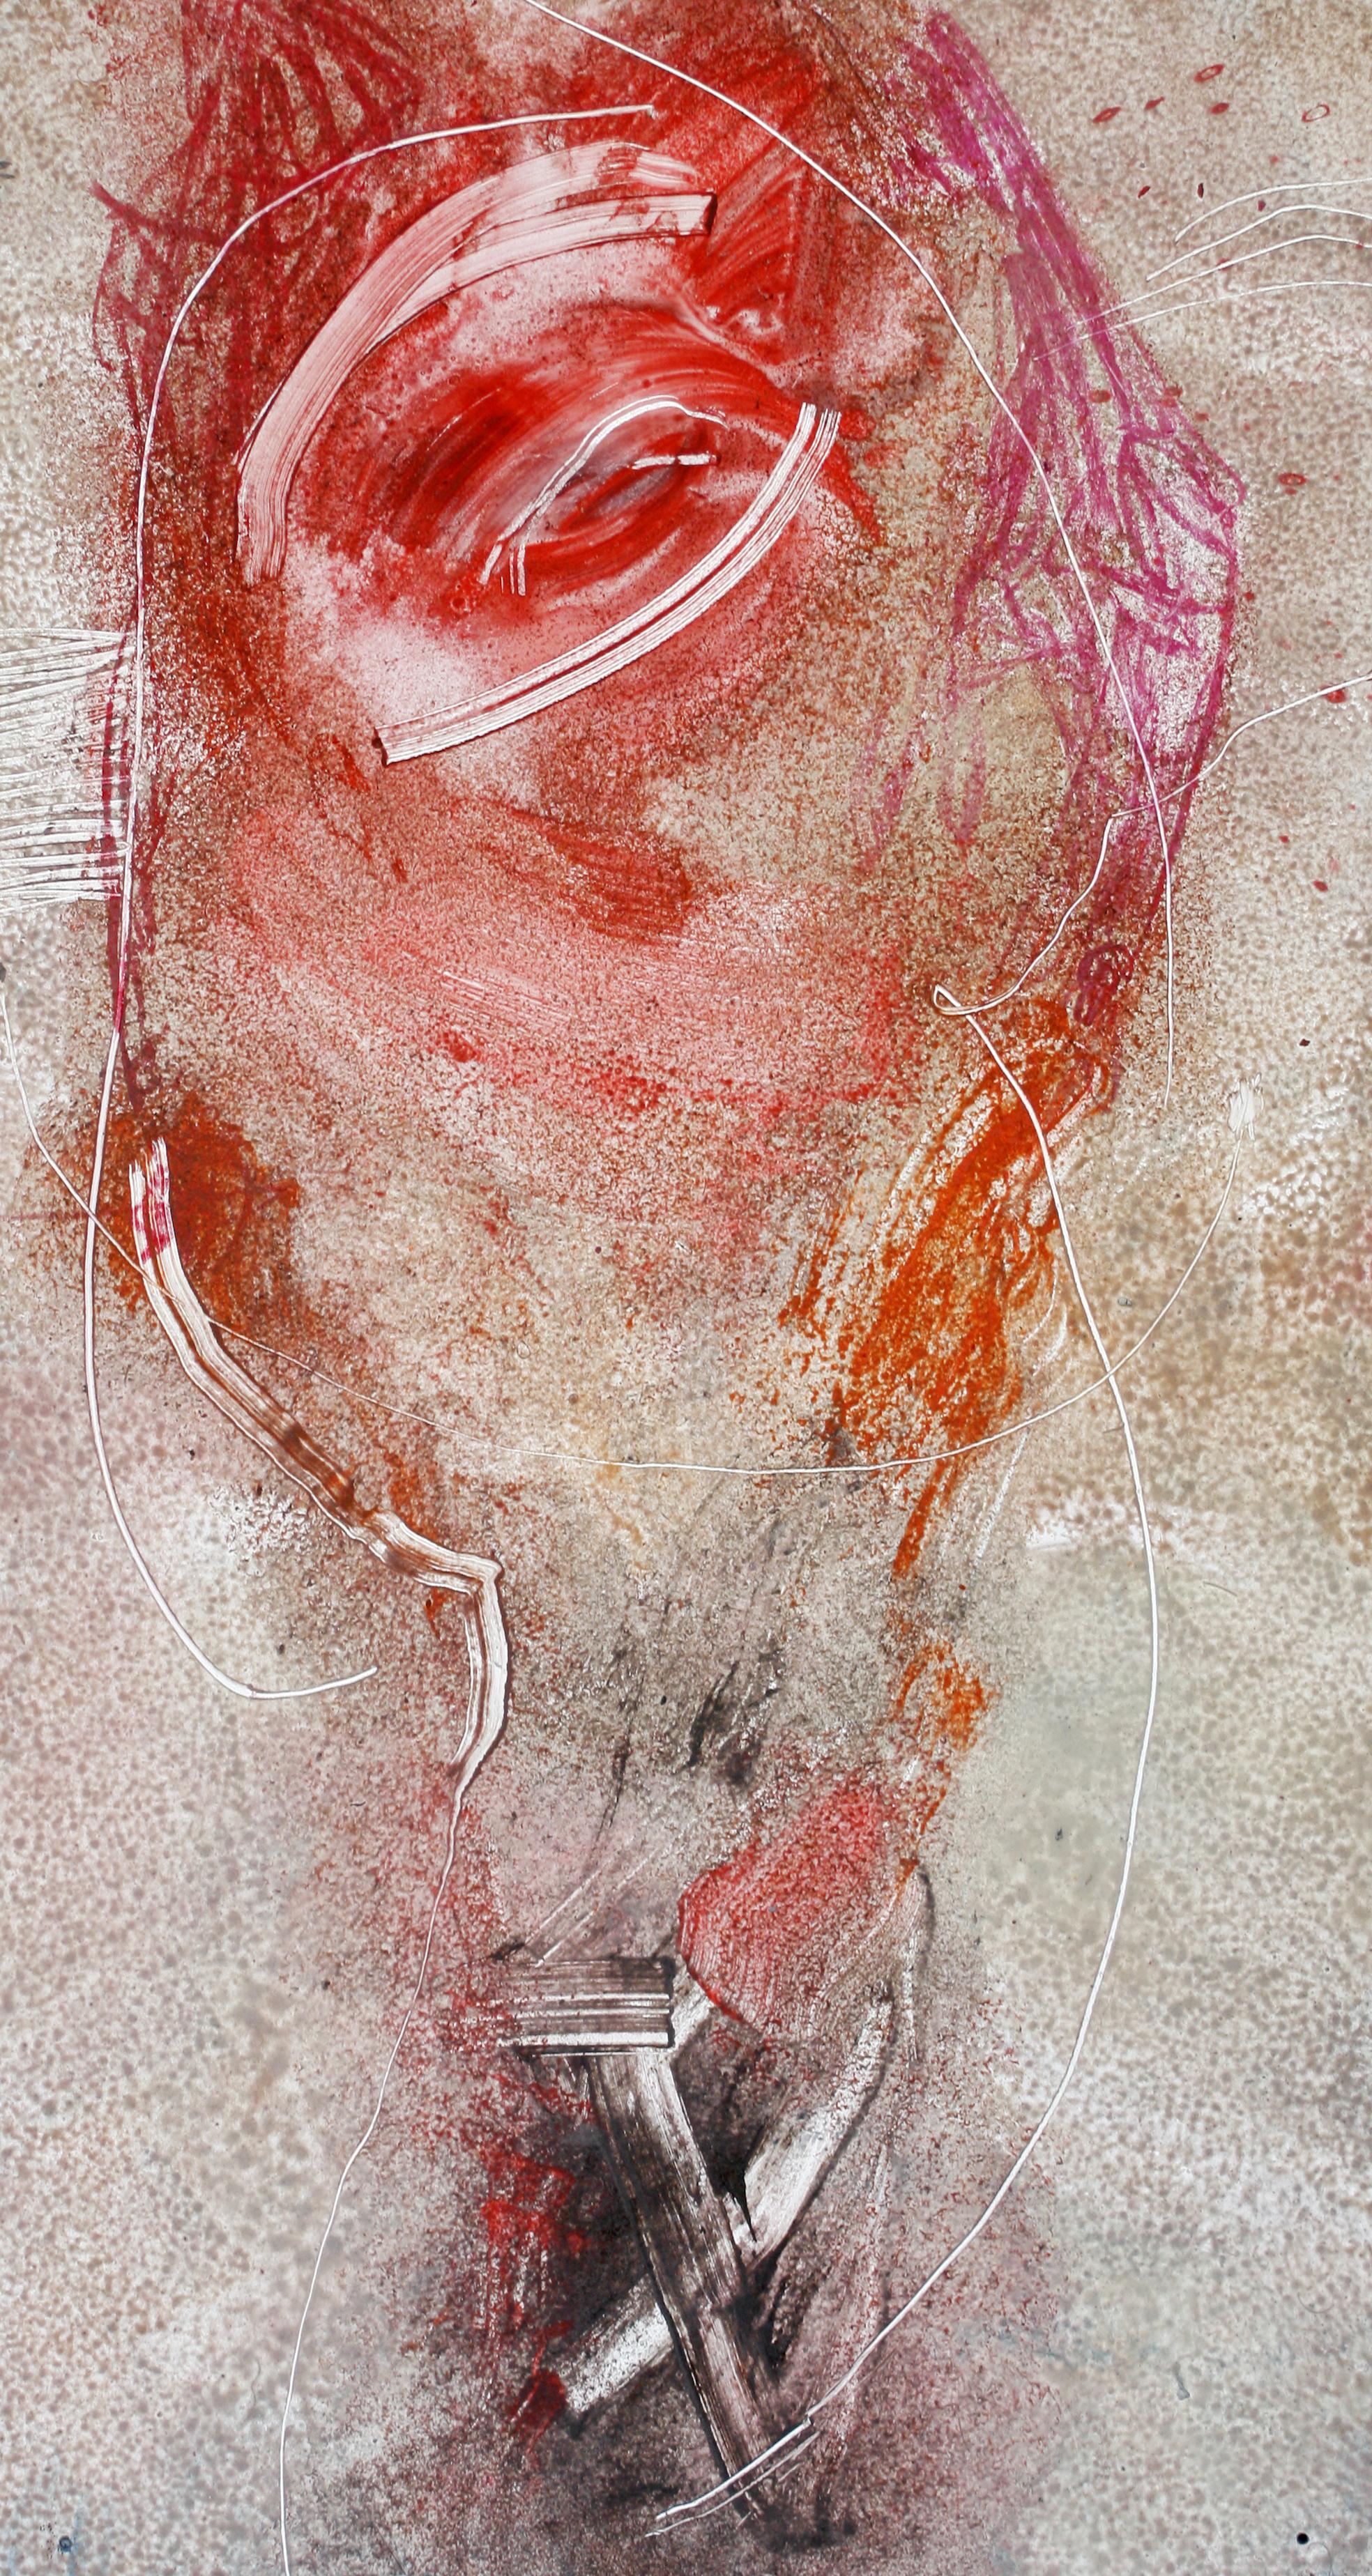 Gamid Ibadullayev, Bez tytułu, akryl, płyta, 125 x 65 cm, 2016, cena: 3400 zł